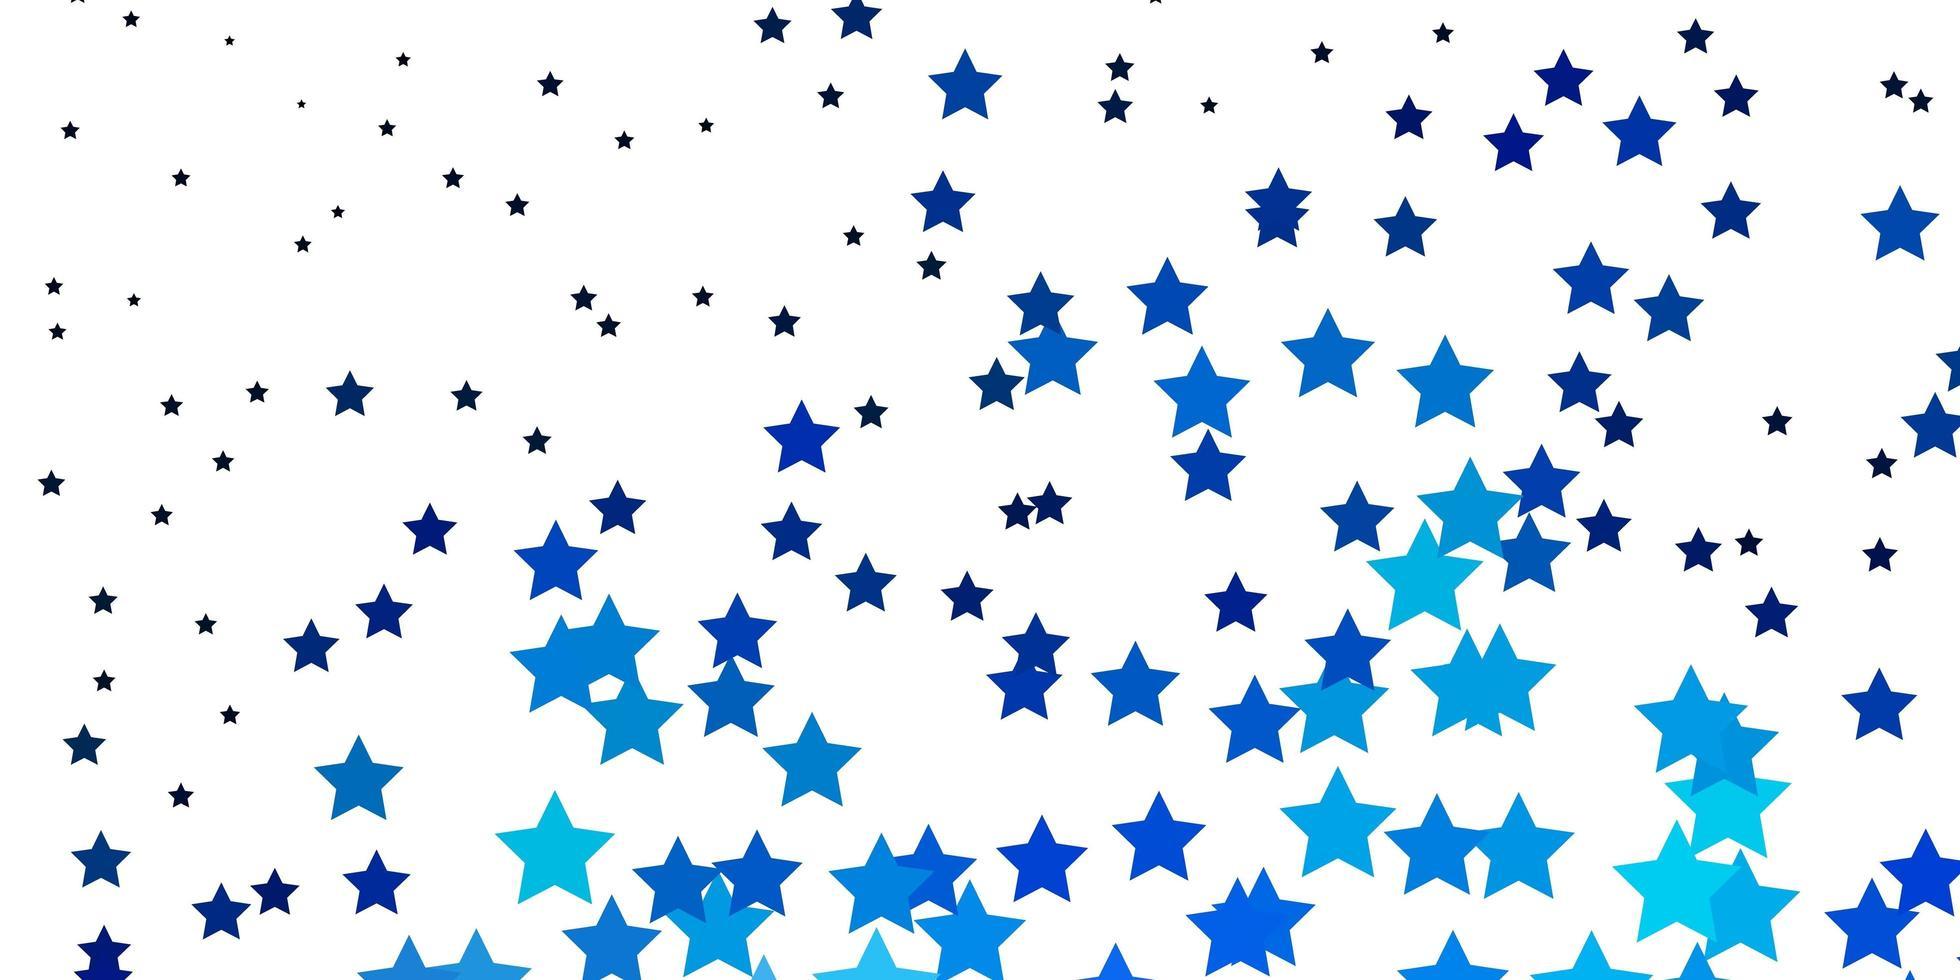 fond de vecteur bleu clair avec de petites et grandes étoiles.